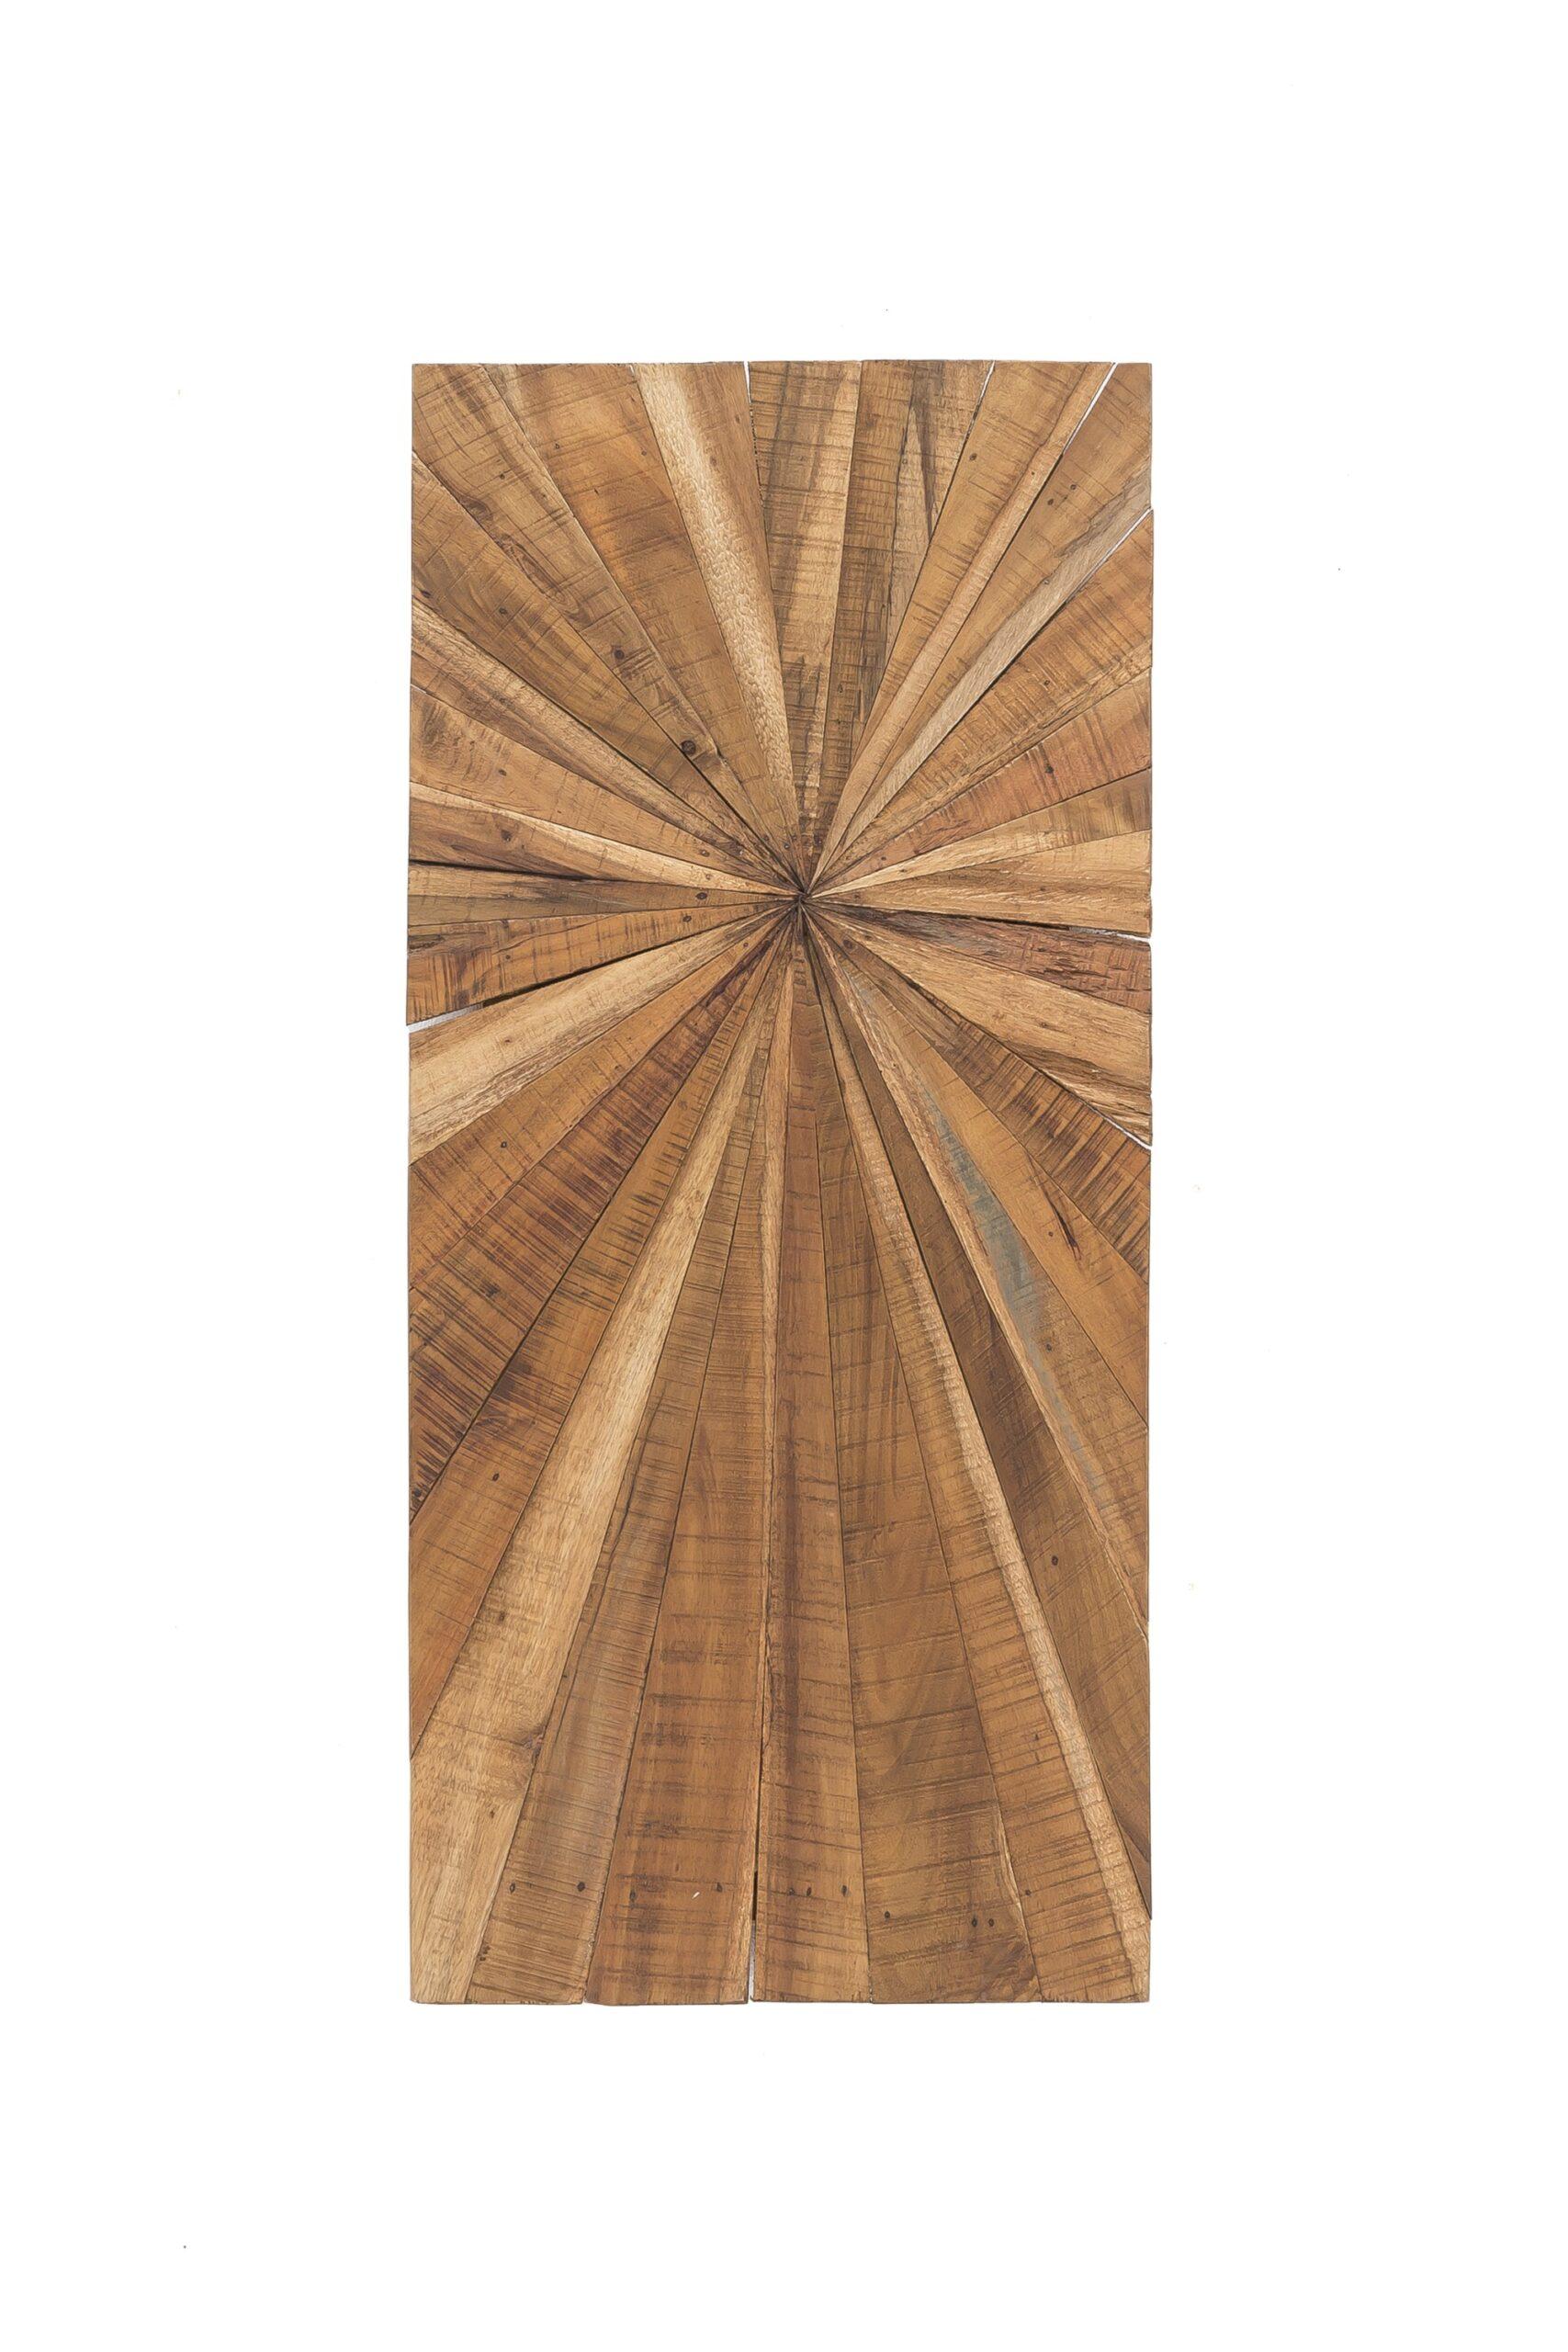 Full Size of Wanddeko Holz Wandbild 100cm Bild Relief Massivholz Handarbeit Esstische Cd Regal Garten Spielhaus Alu Fenster Preise Schlafzimmer Altholz Esstisch Wohnzimmer Wanddeko Holz